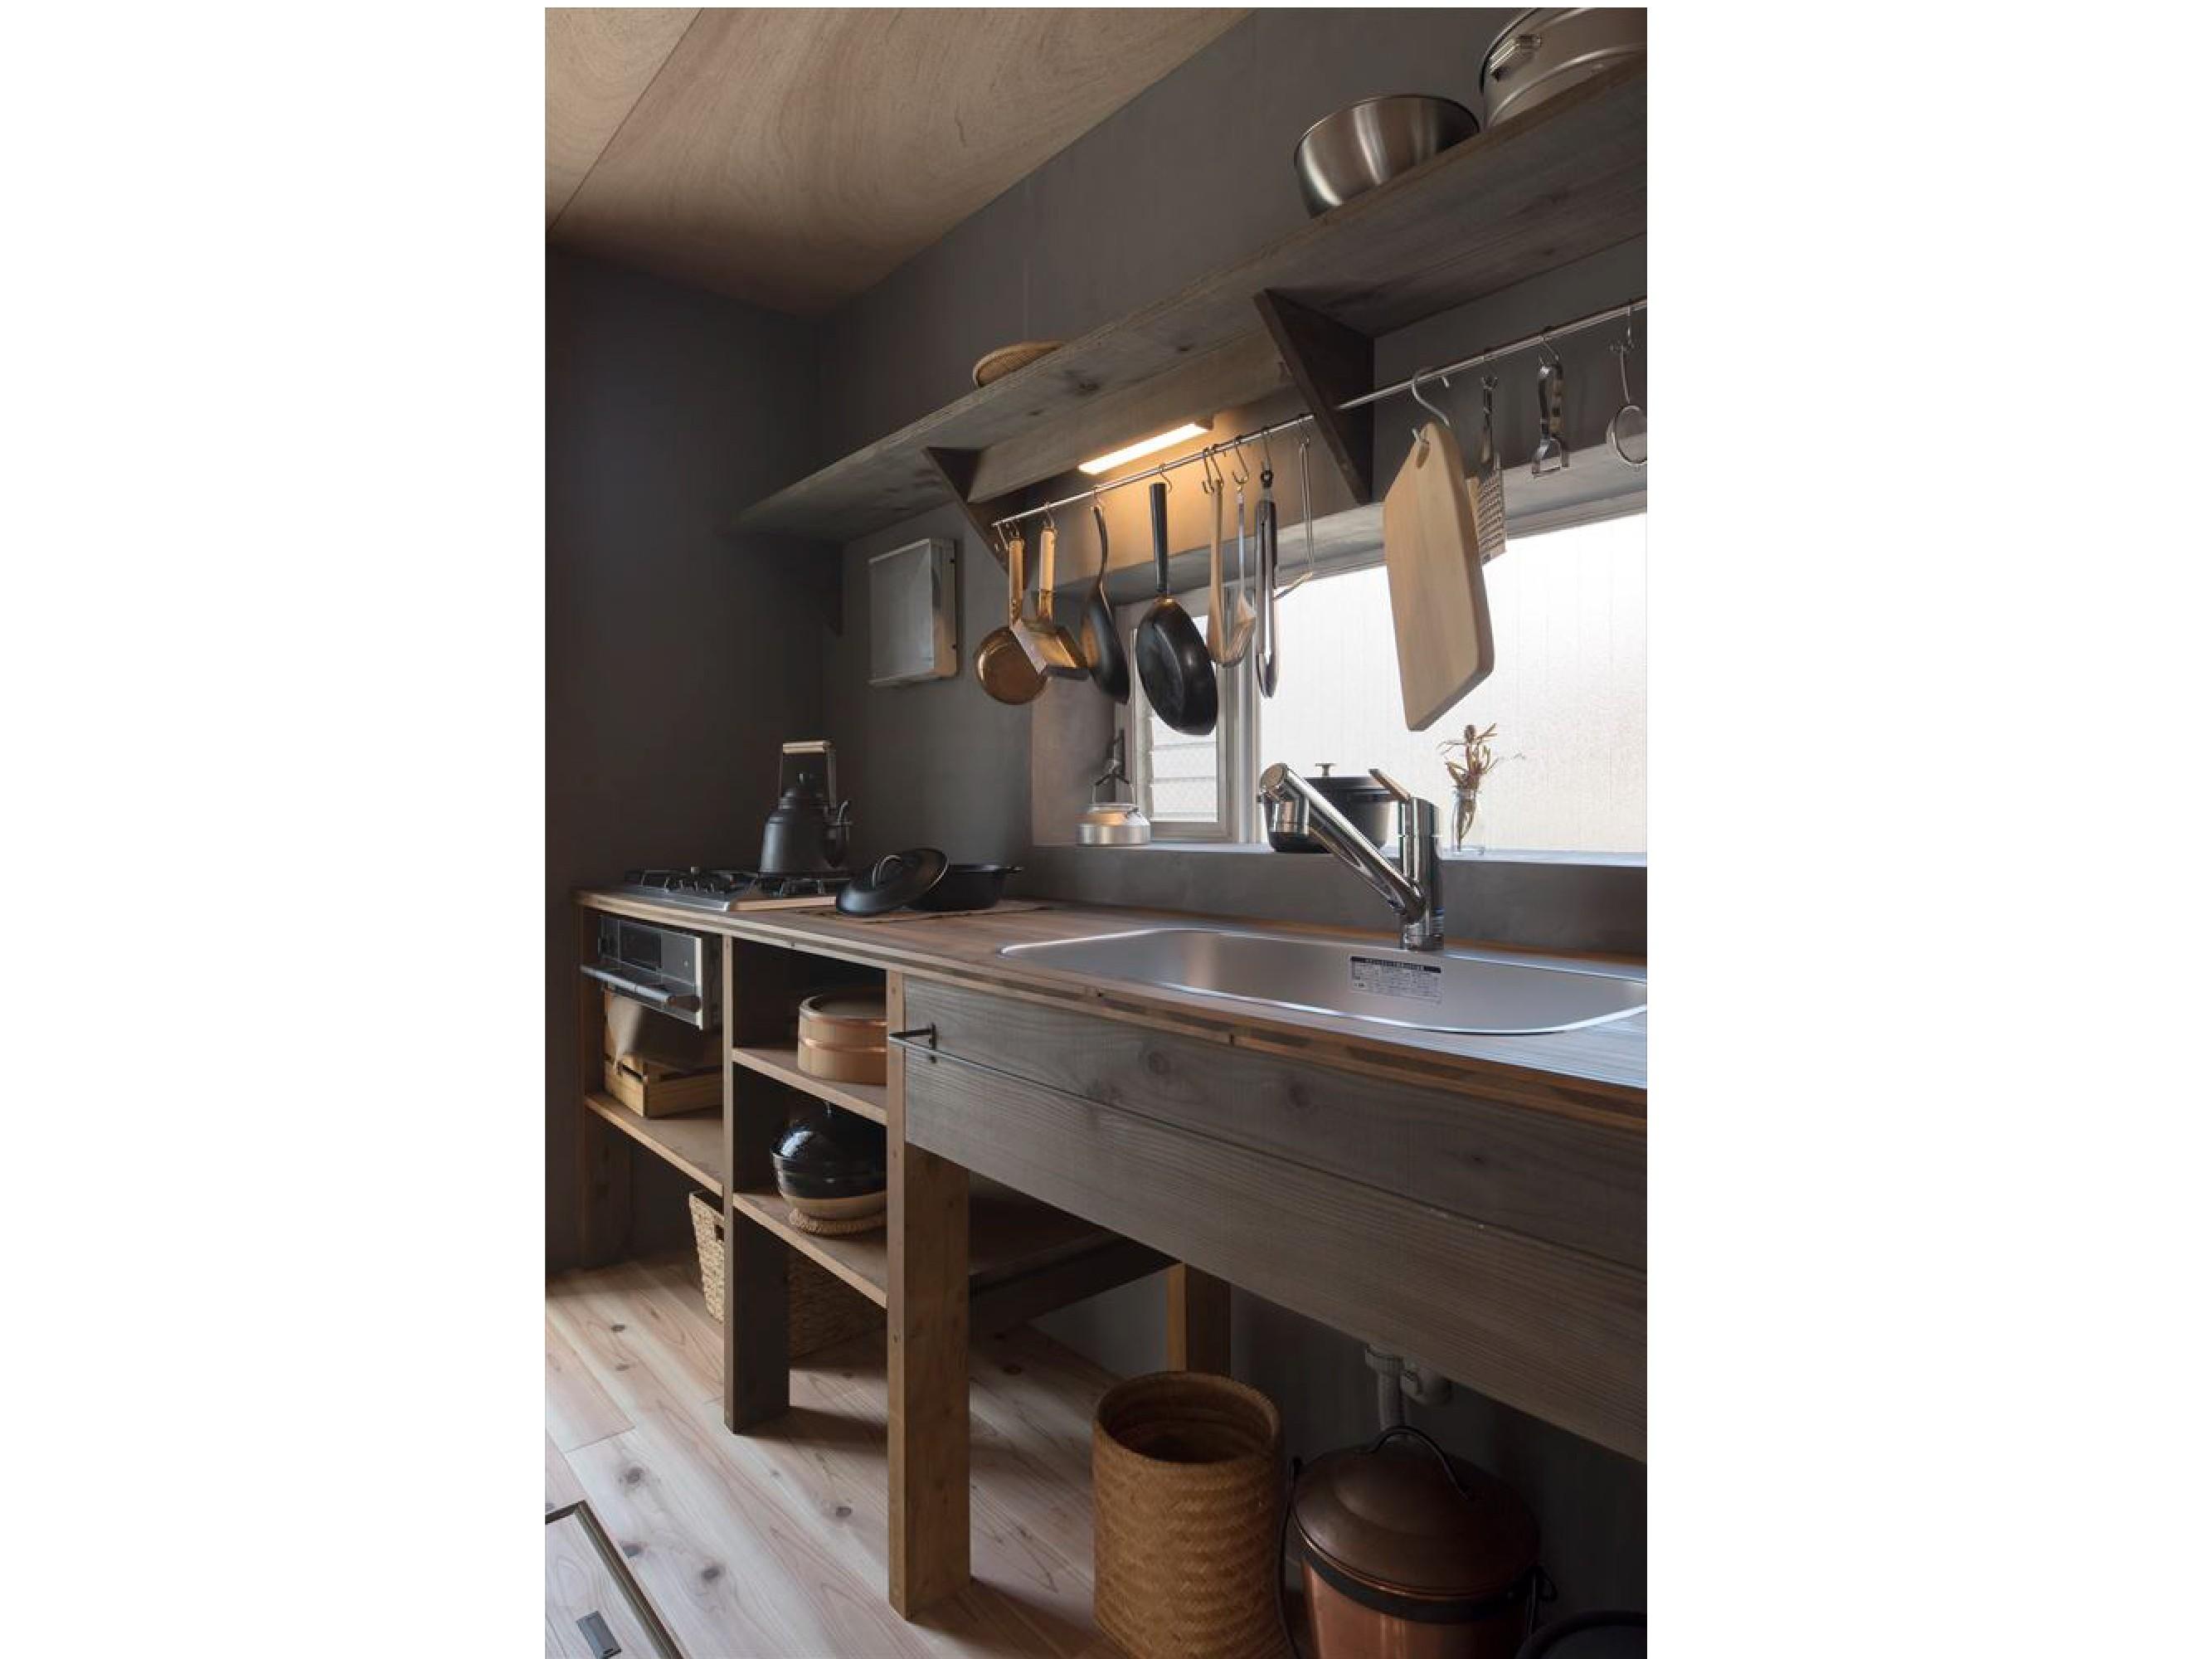 キッチン事例:出会うべき住まい キッチン 2(出会うべき住まい)